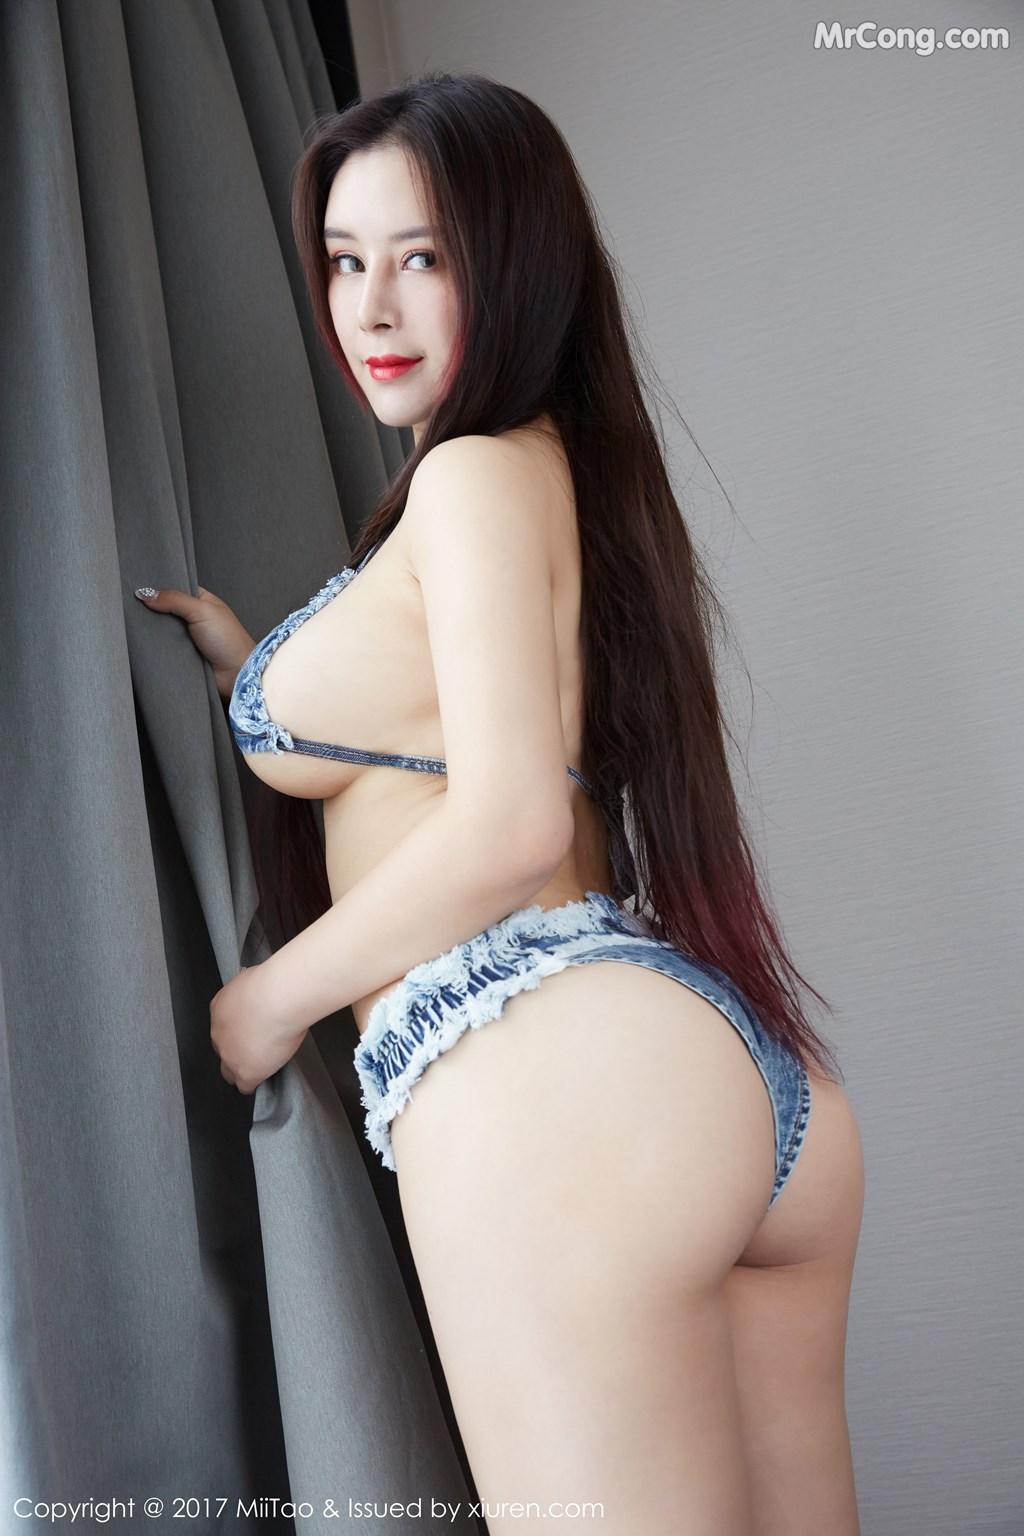 Image MiiTao-Vol.082-Xue-Qian-Xun-MrCong.com-007 in post MiiTao Vol.082: Người mẫu Xue Qian Xun (雪千寻) (51 ảnh)